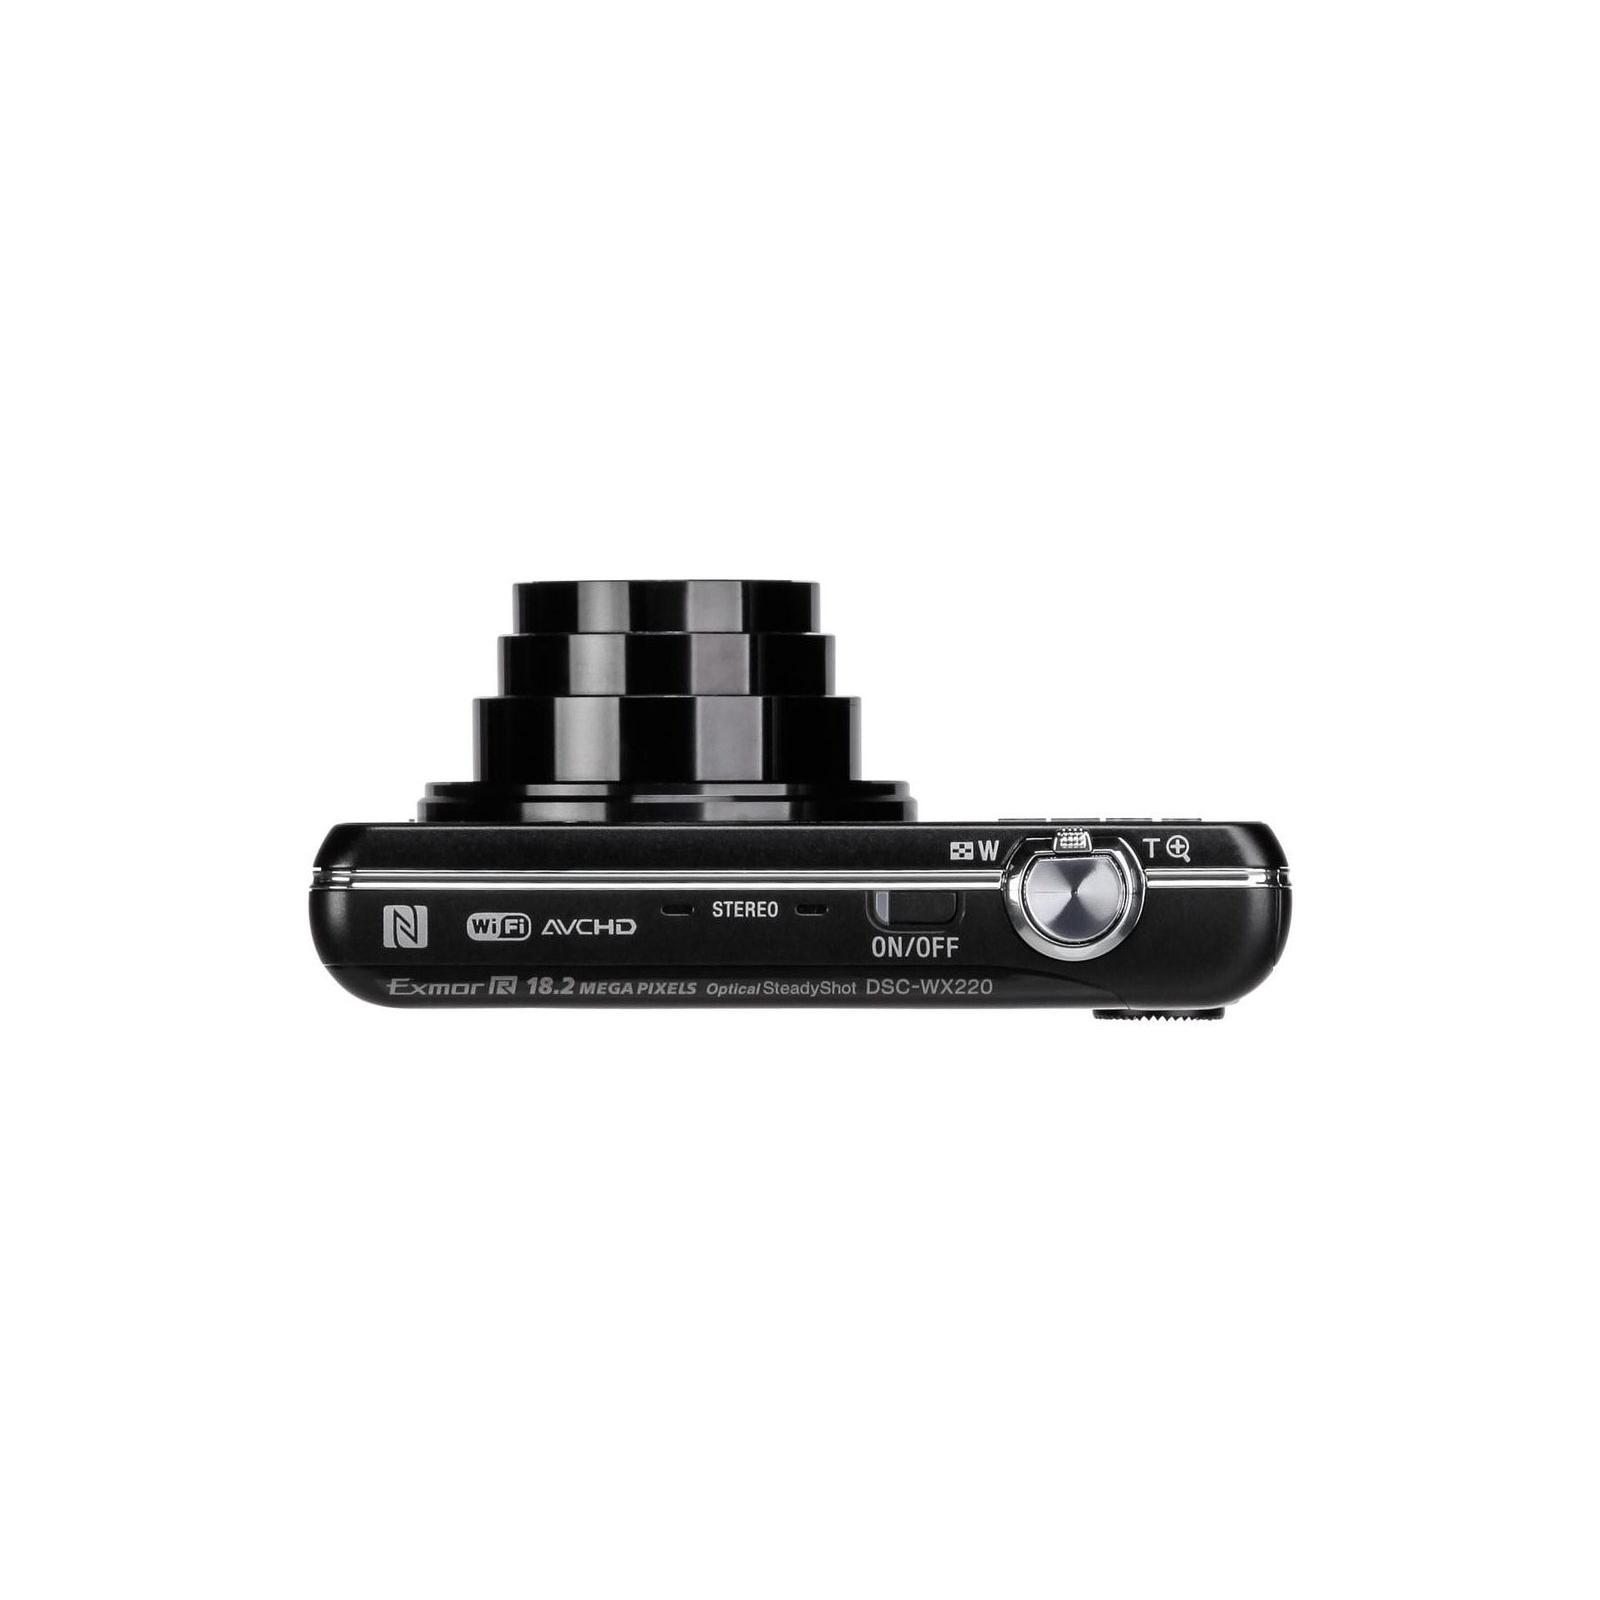 Цифровой фотоаппарат SONY Cyber-Shot WX220 Black (DSCWX220B.RU3) изображение 8